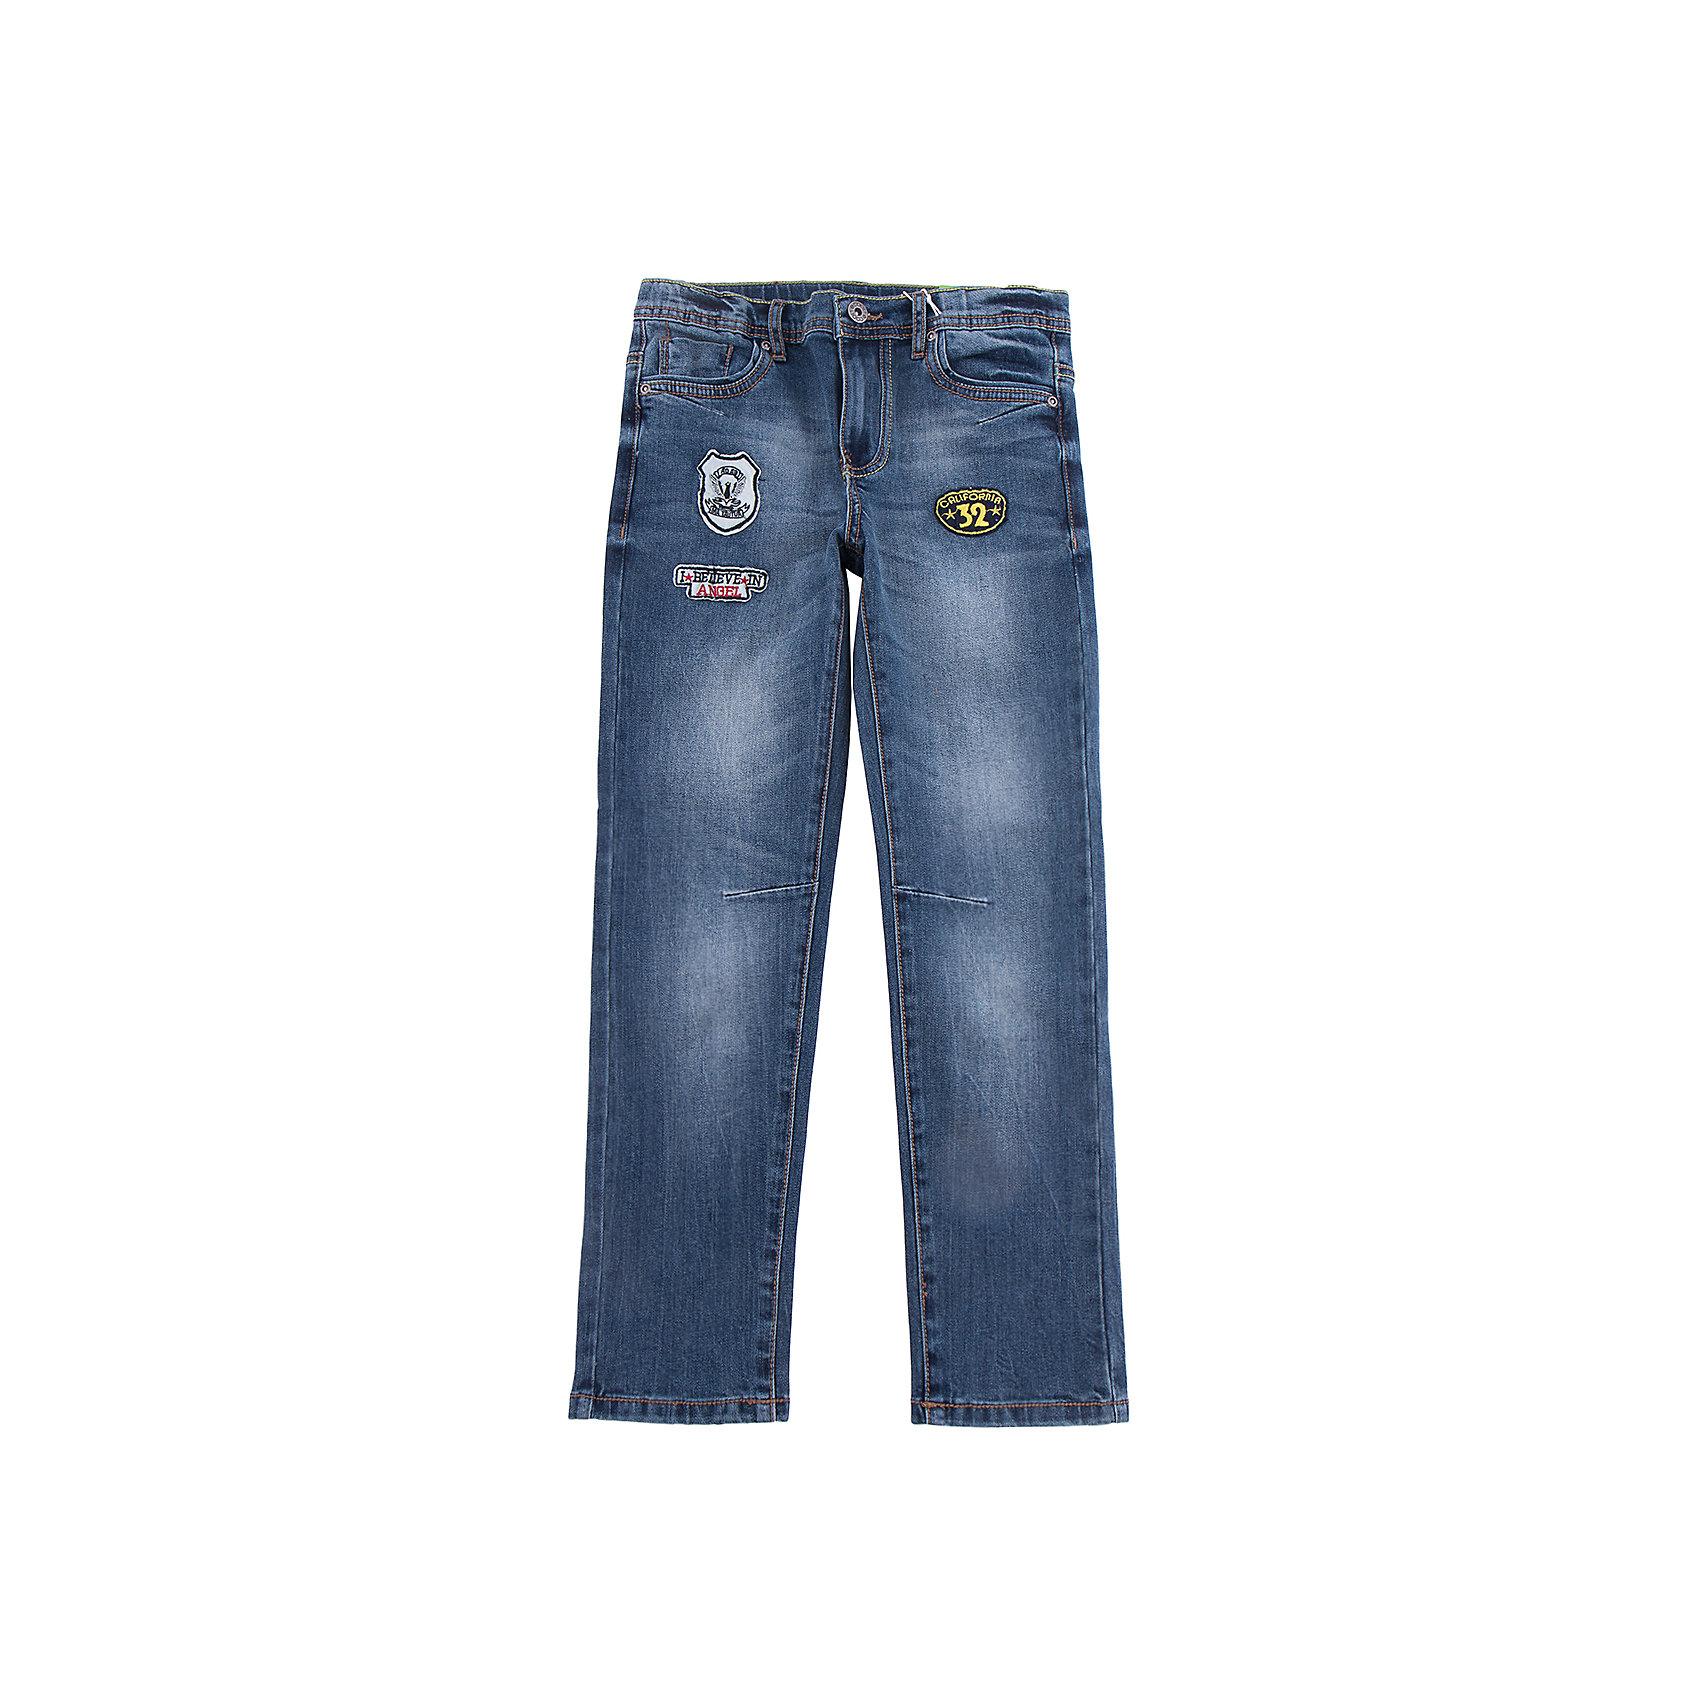 Джинсы Scool для мальчикаДжинсы<br>Джинсы Scool для мальчика<br>Брюки - джинсы из смесовой ткани с высоким содержанием хлопка. Классическая 5-ти карманная модель со шлевками. При необходимости можно использовать ремень. В качестве декора использованы потертости.<br>Состав:<br>65% хлопок, 32% полиэстер, 3% эластан<br><br>Ширина мм: 215<br>Глубина мм: 88<br>Высота мм: 191<br>Вес г: 336<br>Цвет: синий<br>Возраст от месяцев: 156<br>Возраст до месяцев: 168<br>Пол: Мужской<br>Возраст: Детский<br>Размер: 164,134,140,146,152,158<br>SKU: 7104901